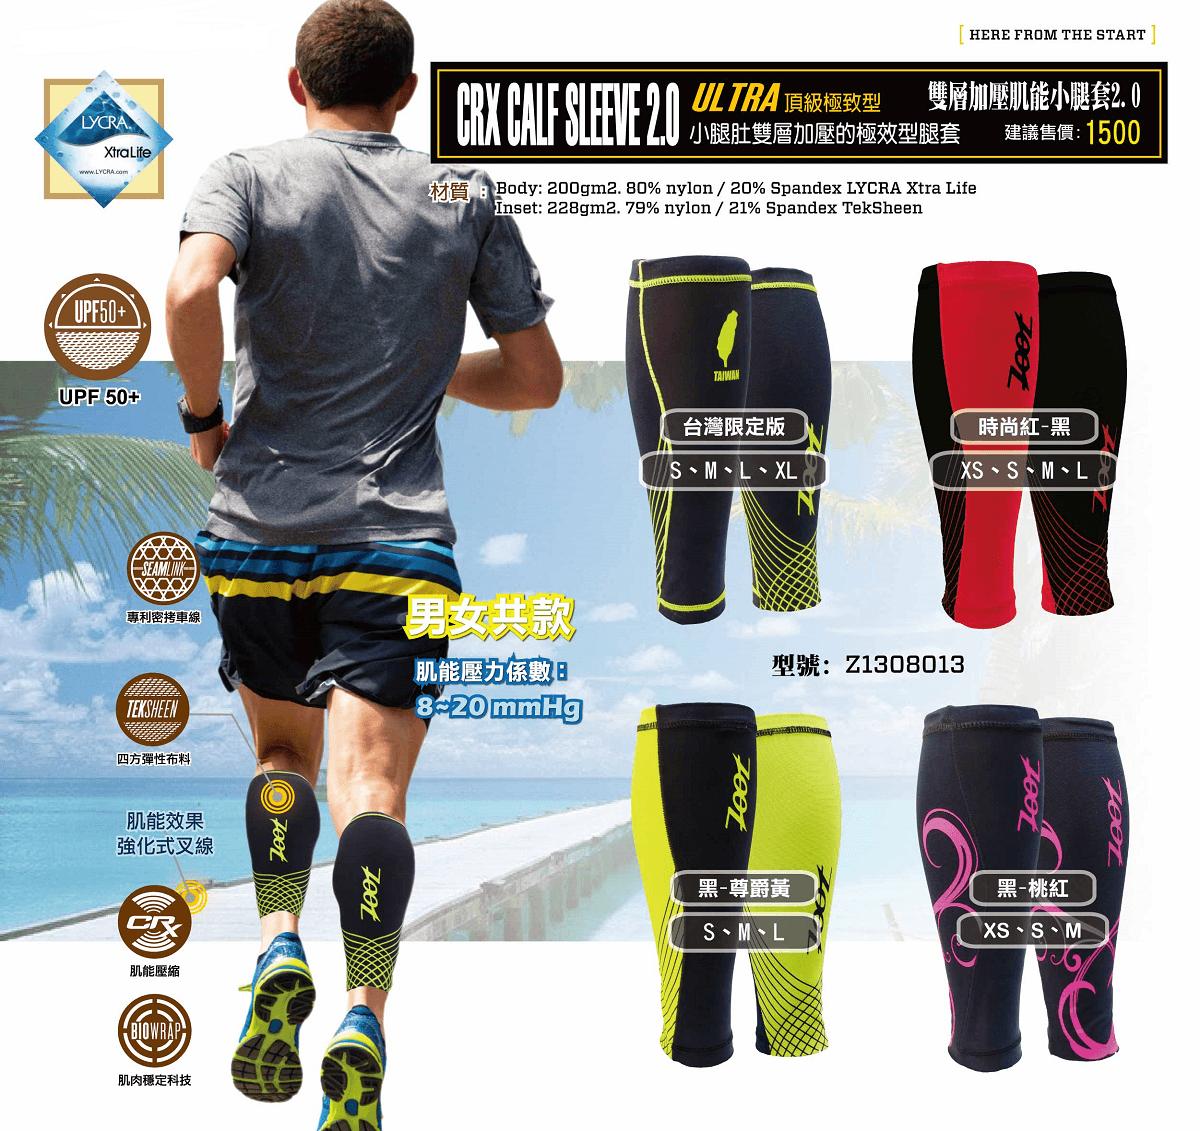 ZOOT 專業級肌能壓縮小腿套 2.0